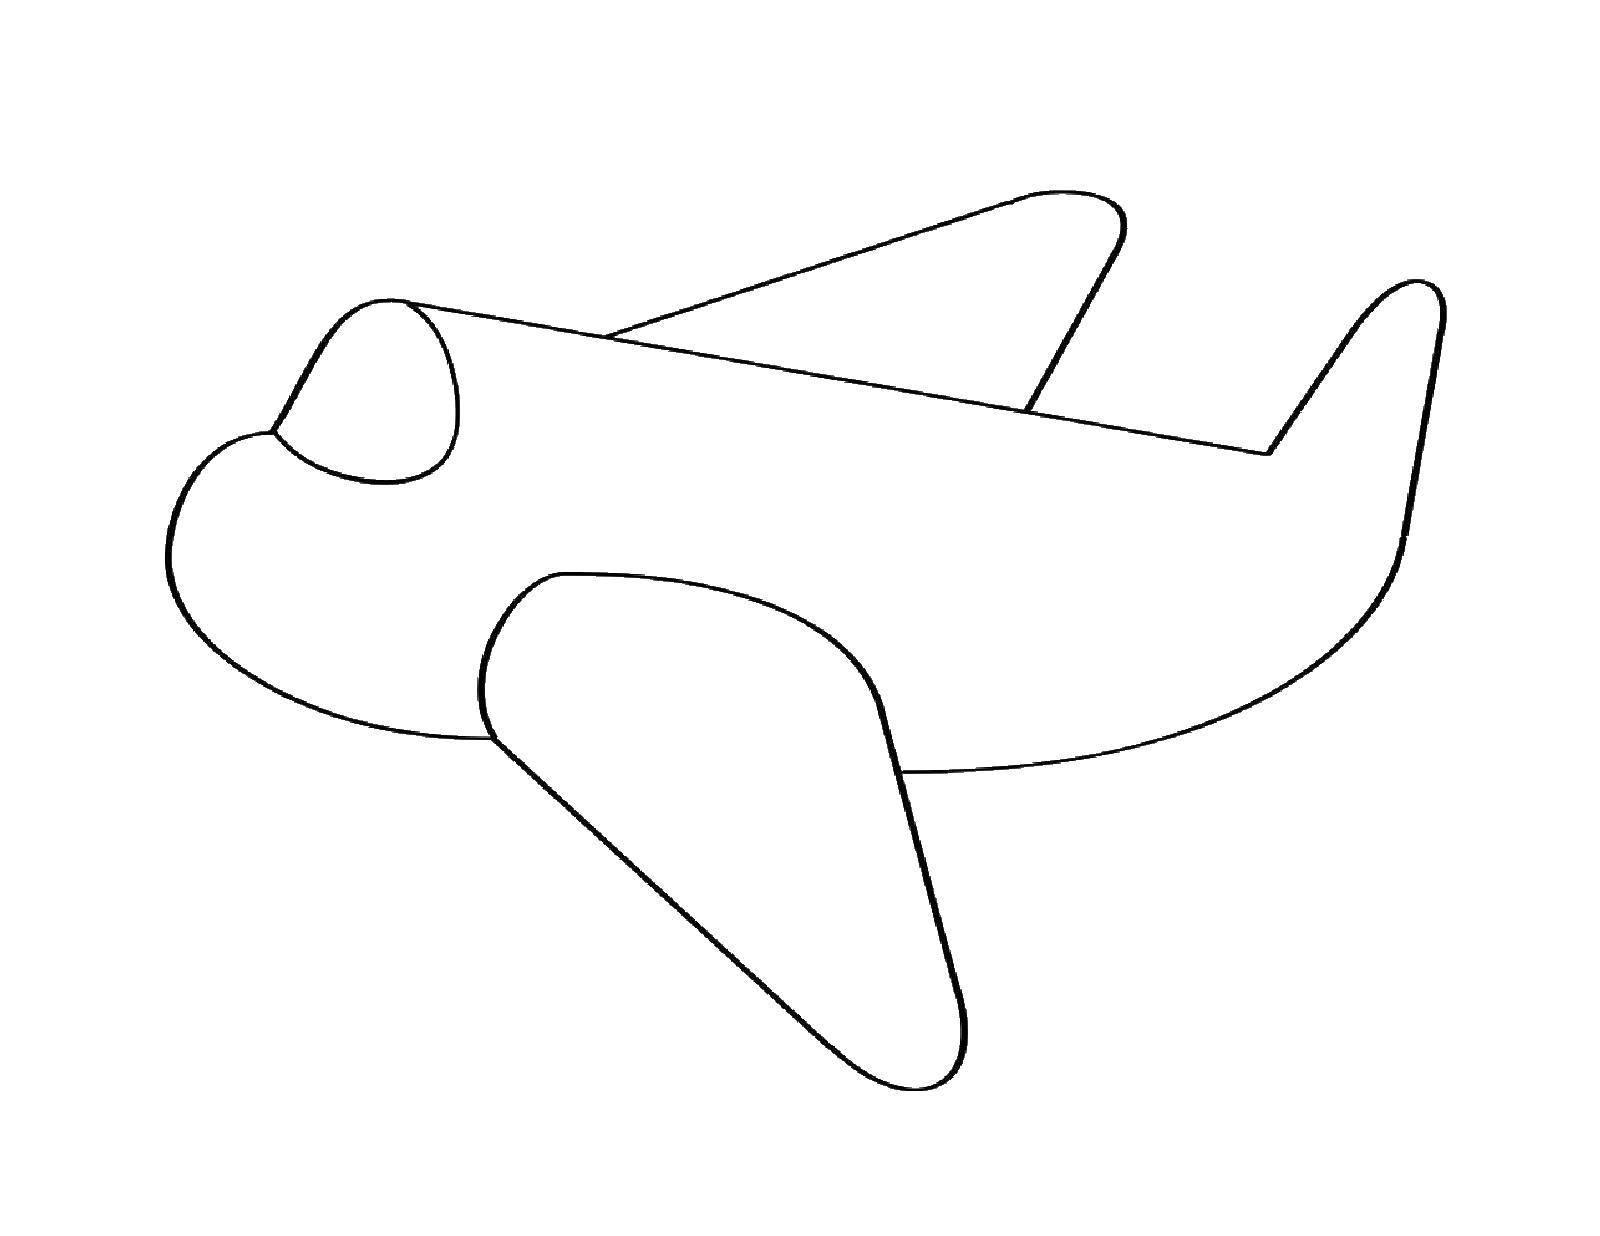 зубы вырезание из бумаги картинки самолет жкбейкерстрит яживунабейкерстрит